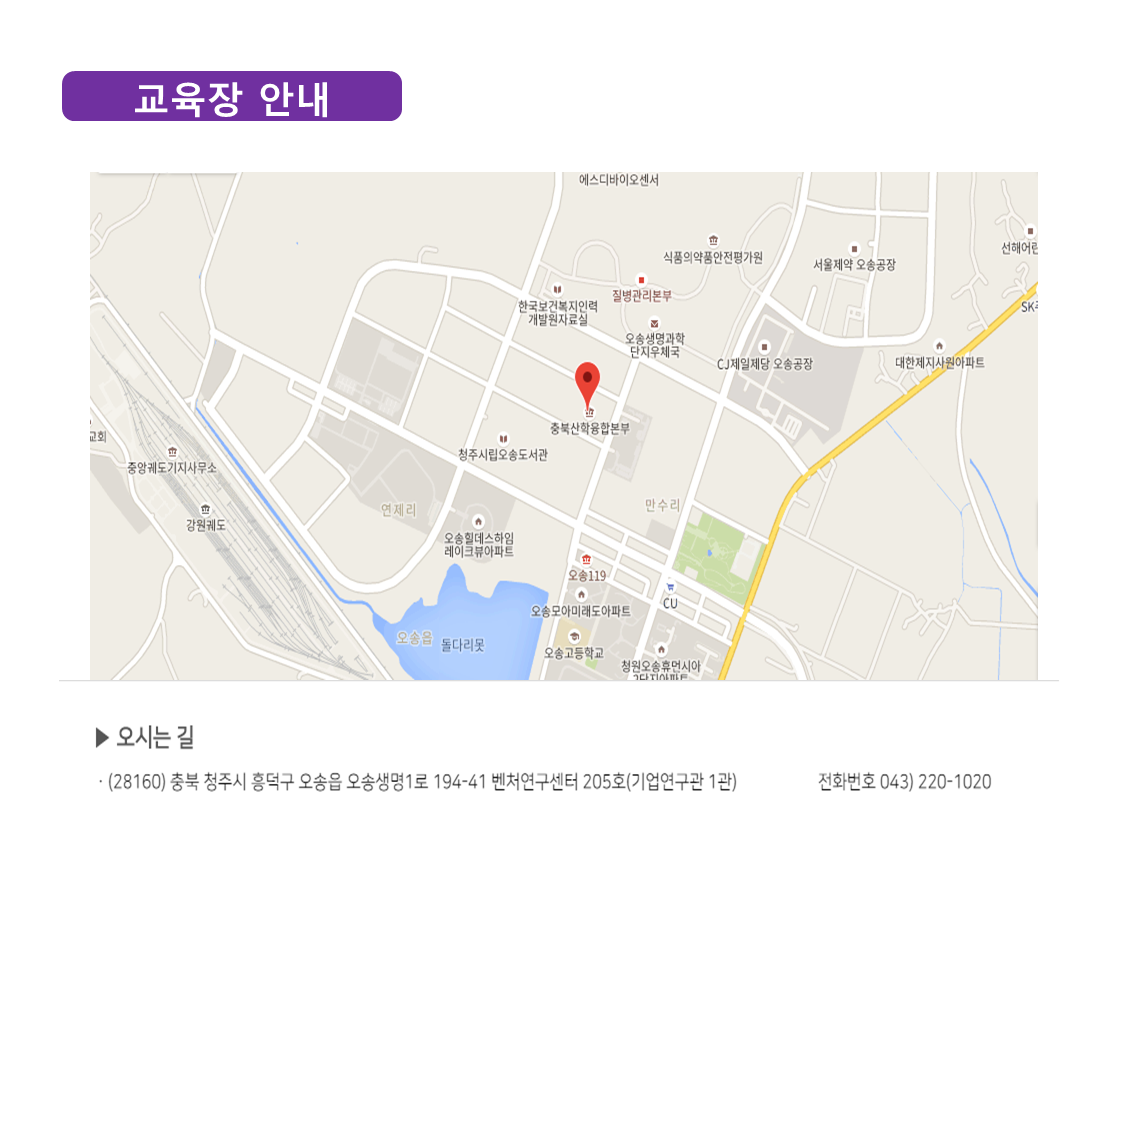 약도_충북산학융합본부 공동훈련센터.png